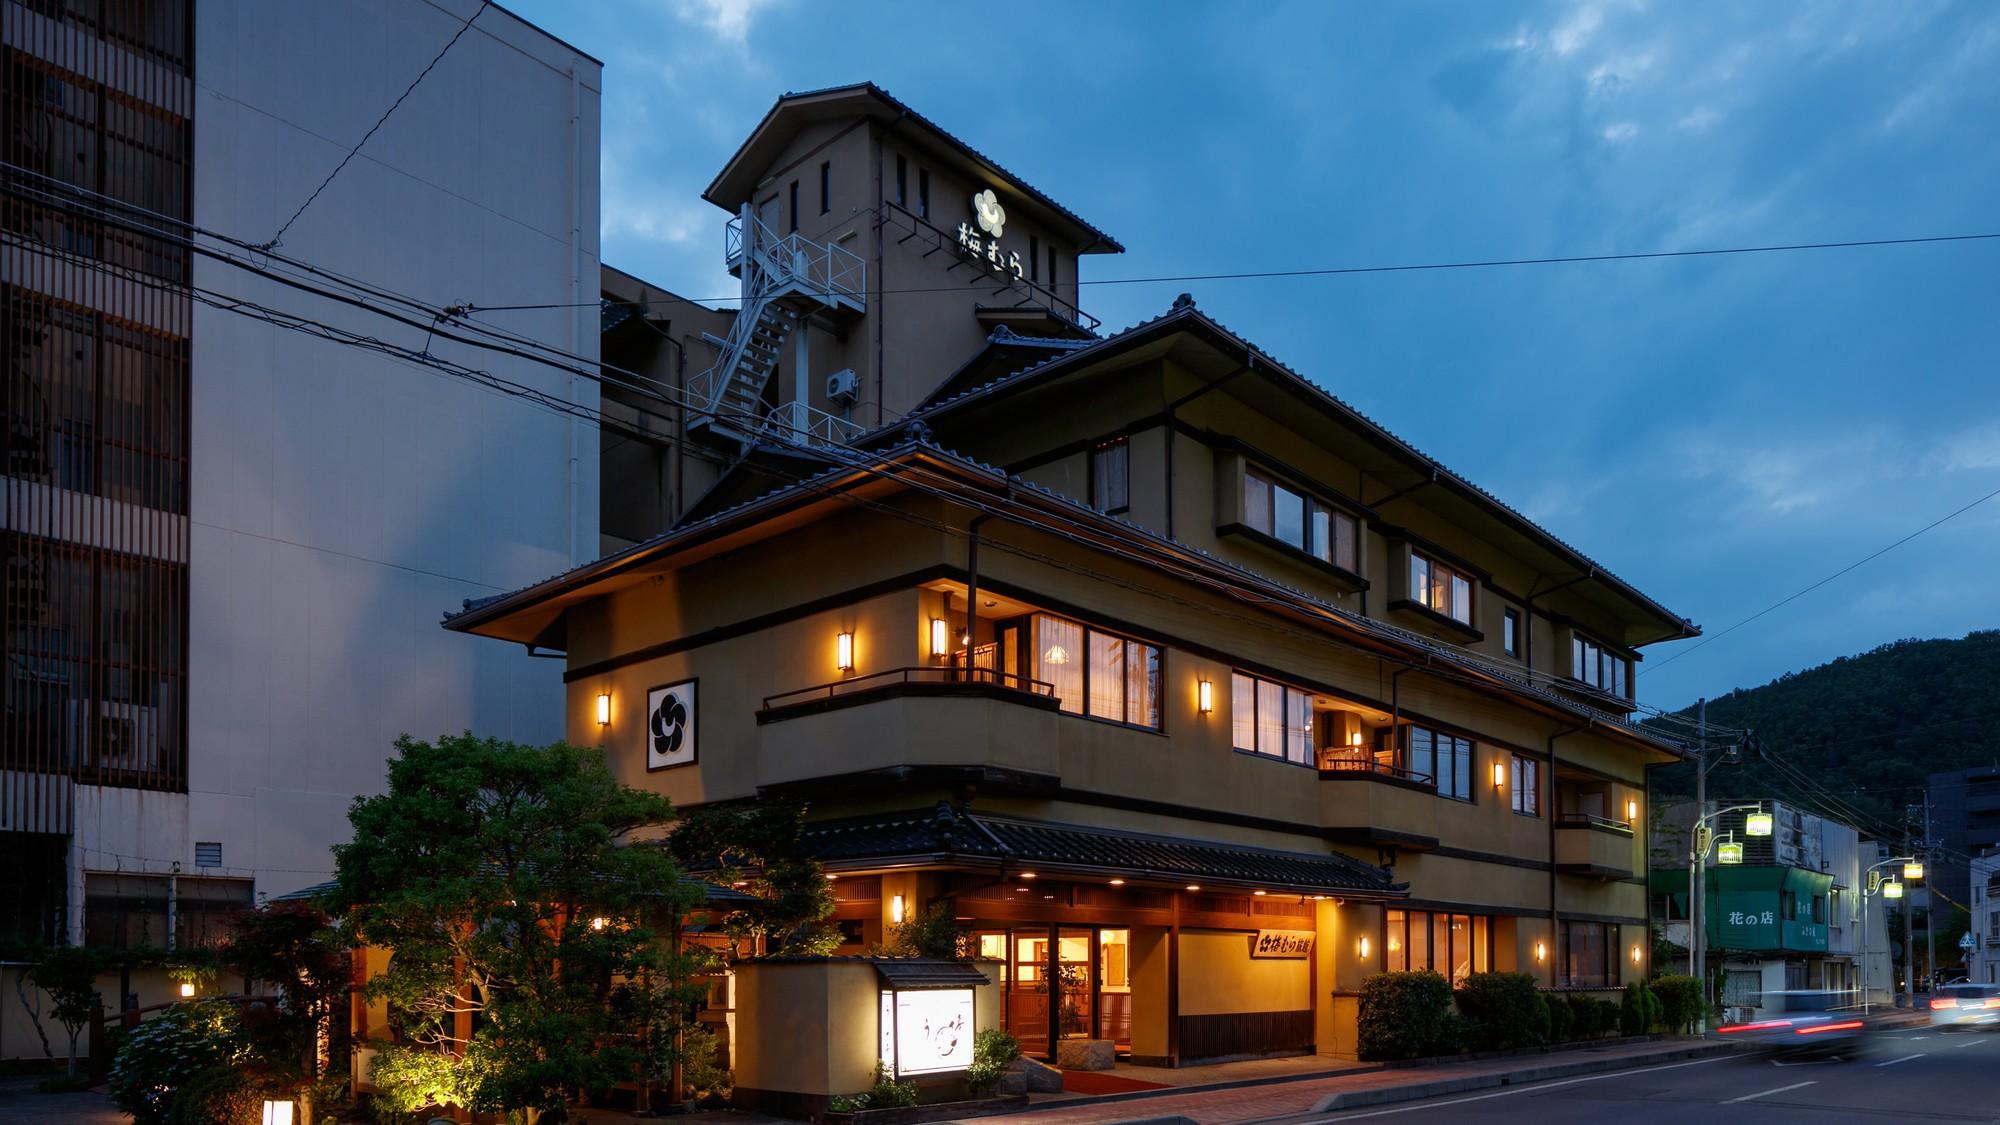 戸倉上山田温泉 和の魁が佇む宿 梅むら旅館うぐいす亭